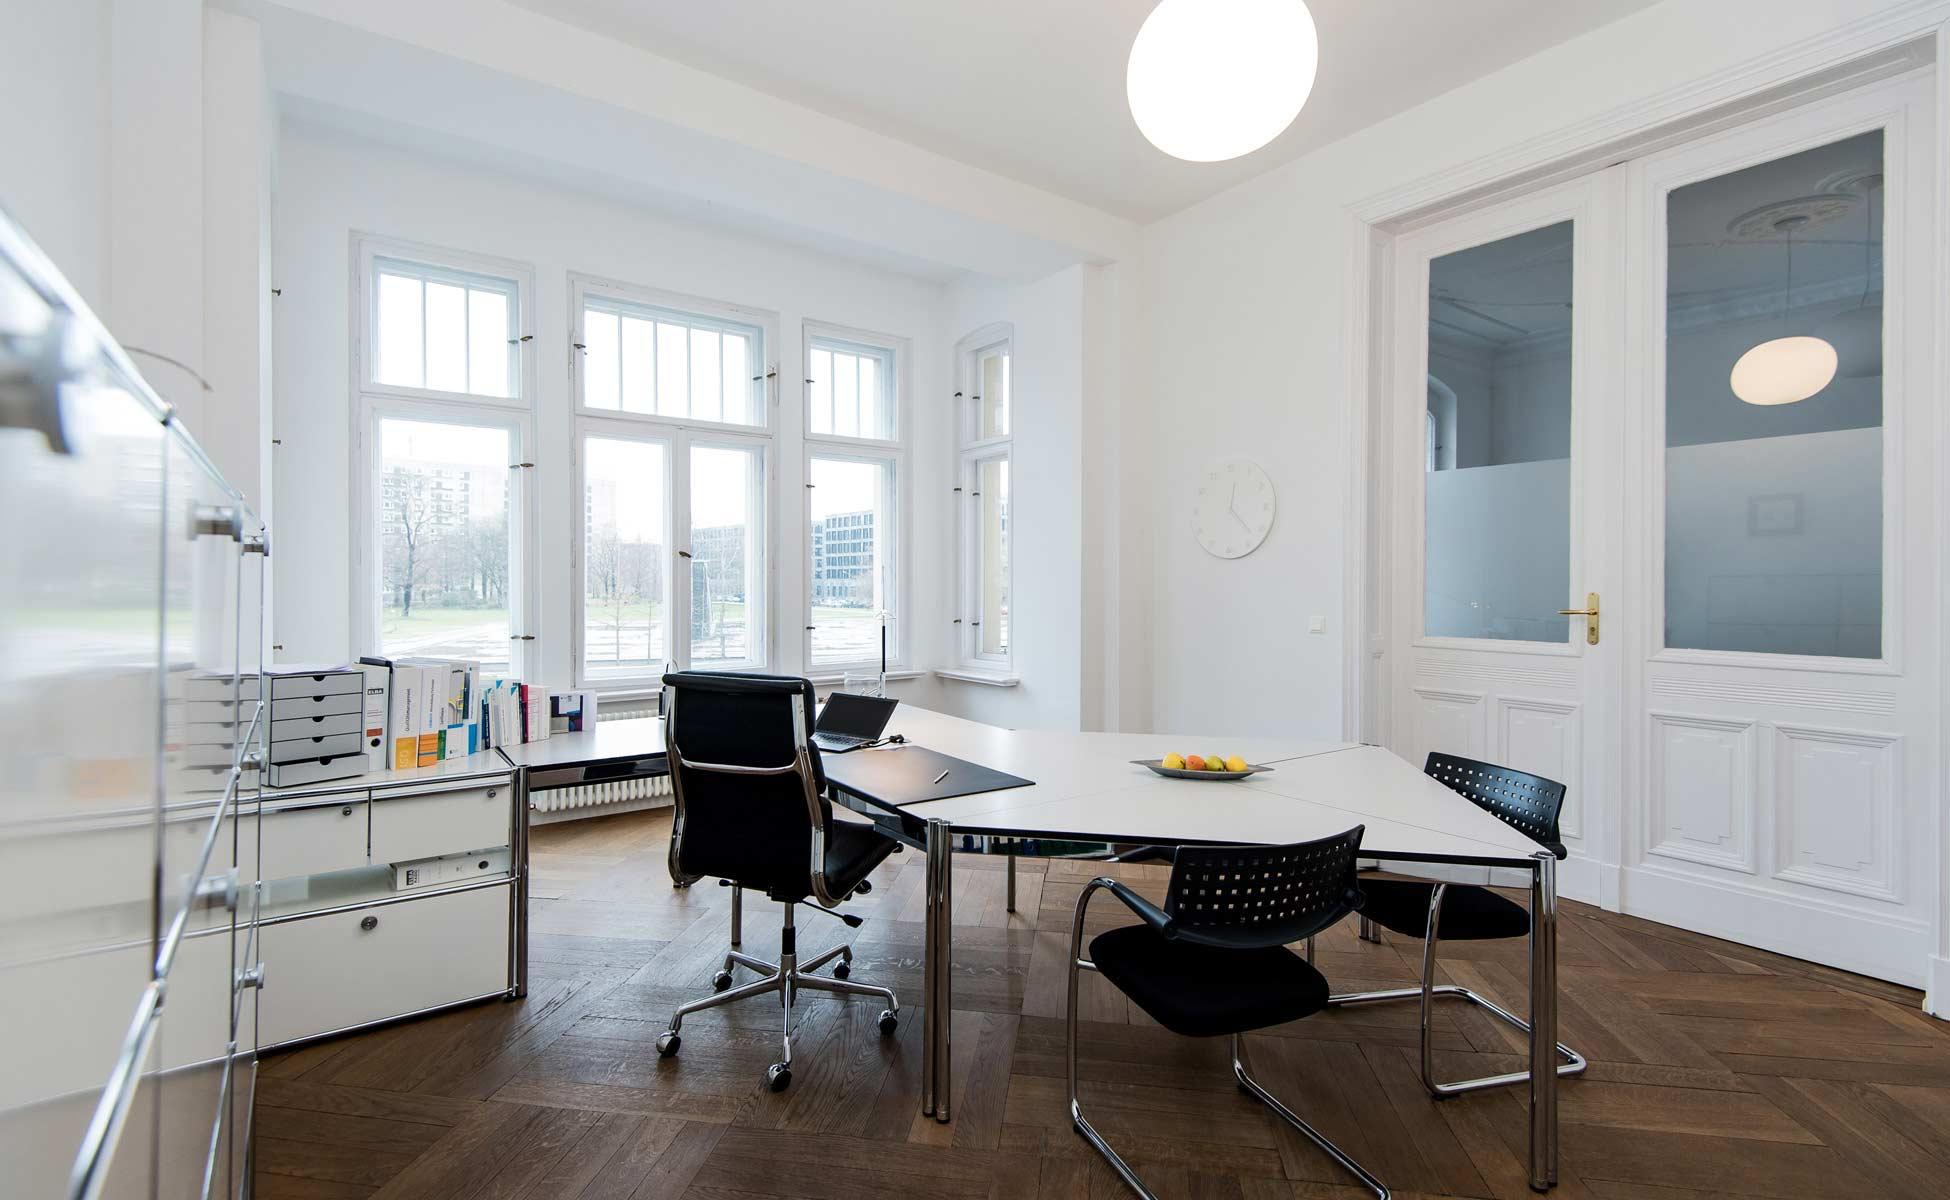 01 usm haller arbeitsplatz + vitra soft pad von steidten+ berlin